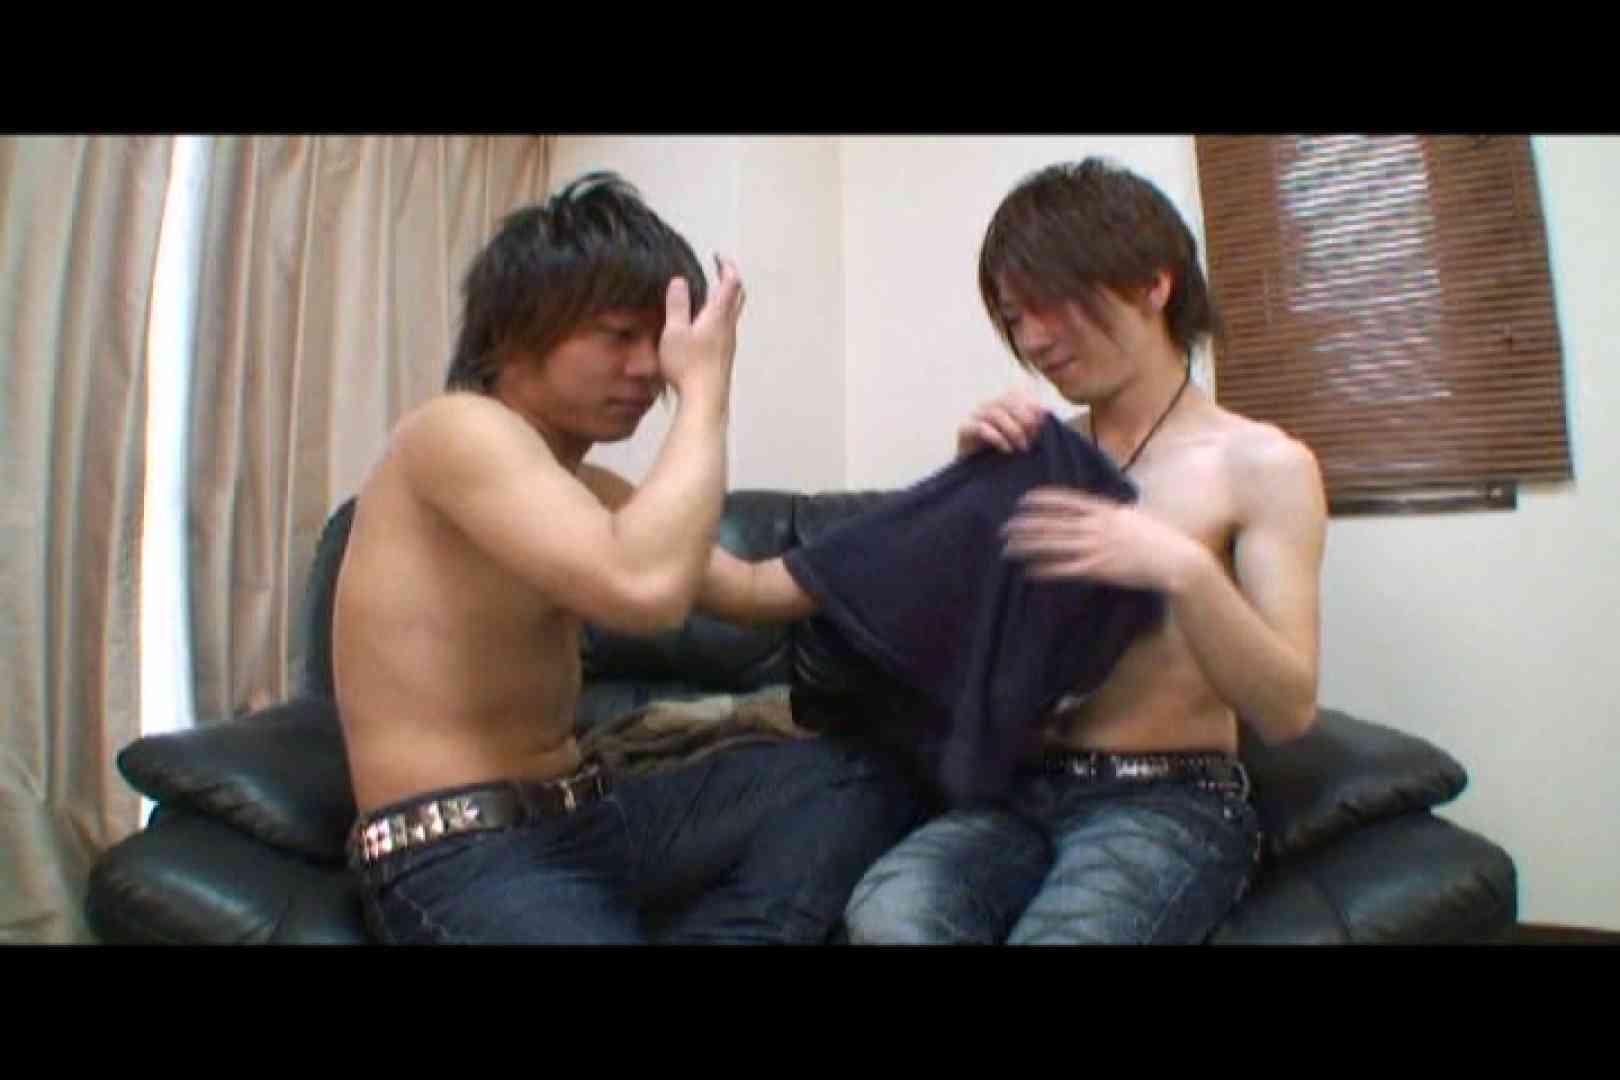 コンビネーションBoys!vol.01 エロ動画 ゲイアダルト画像 90枚 54